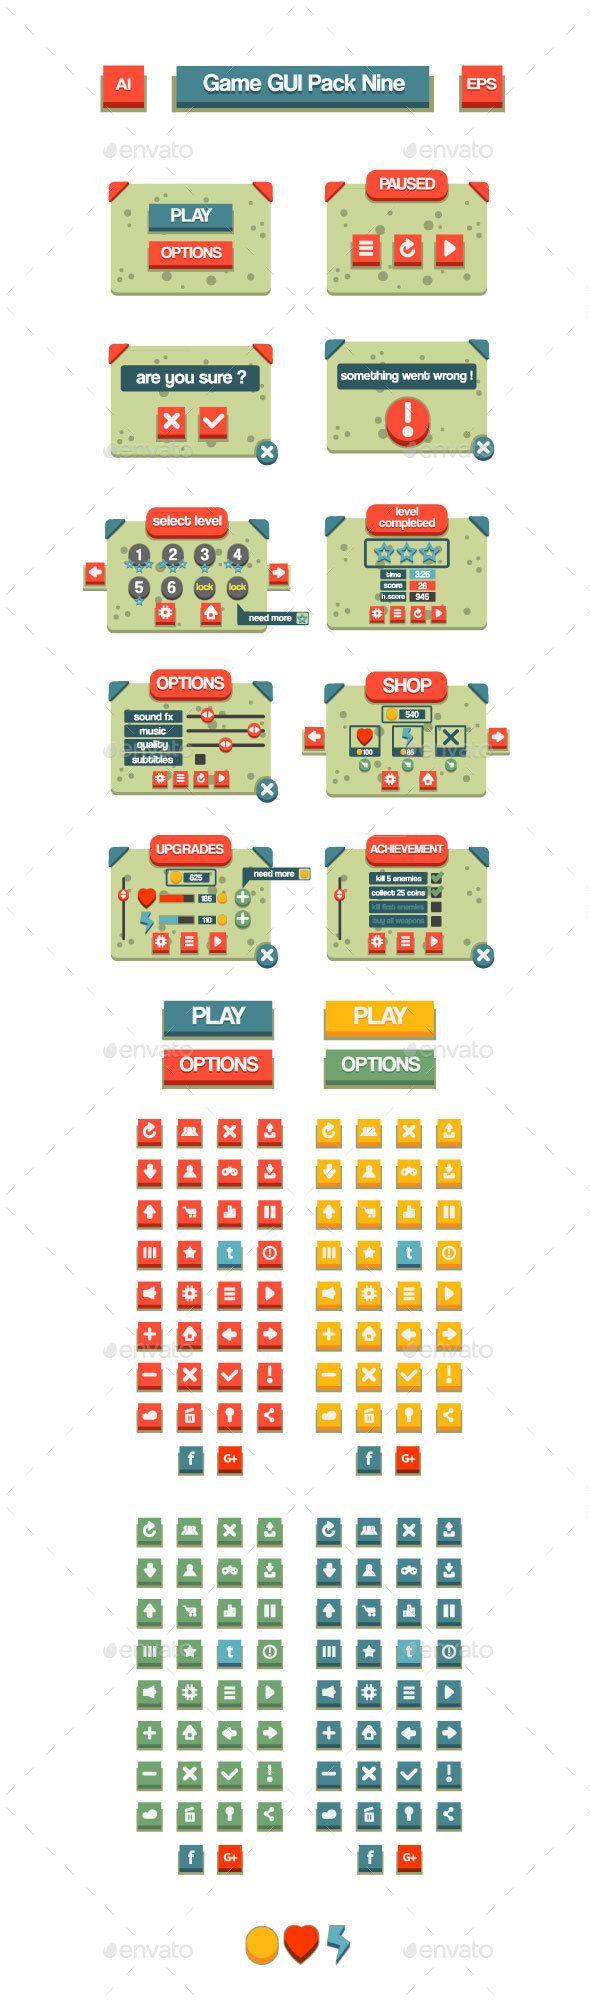 Game GUI Pack Nine